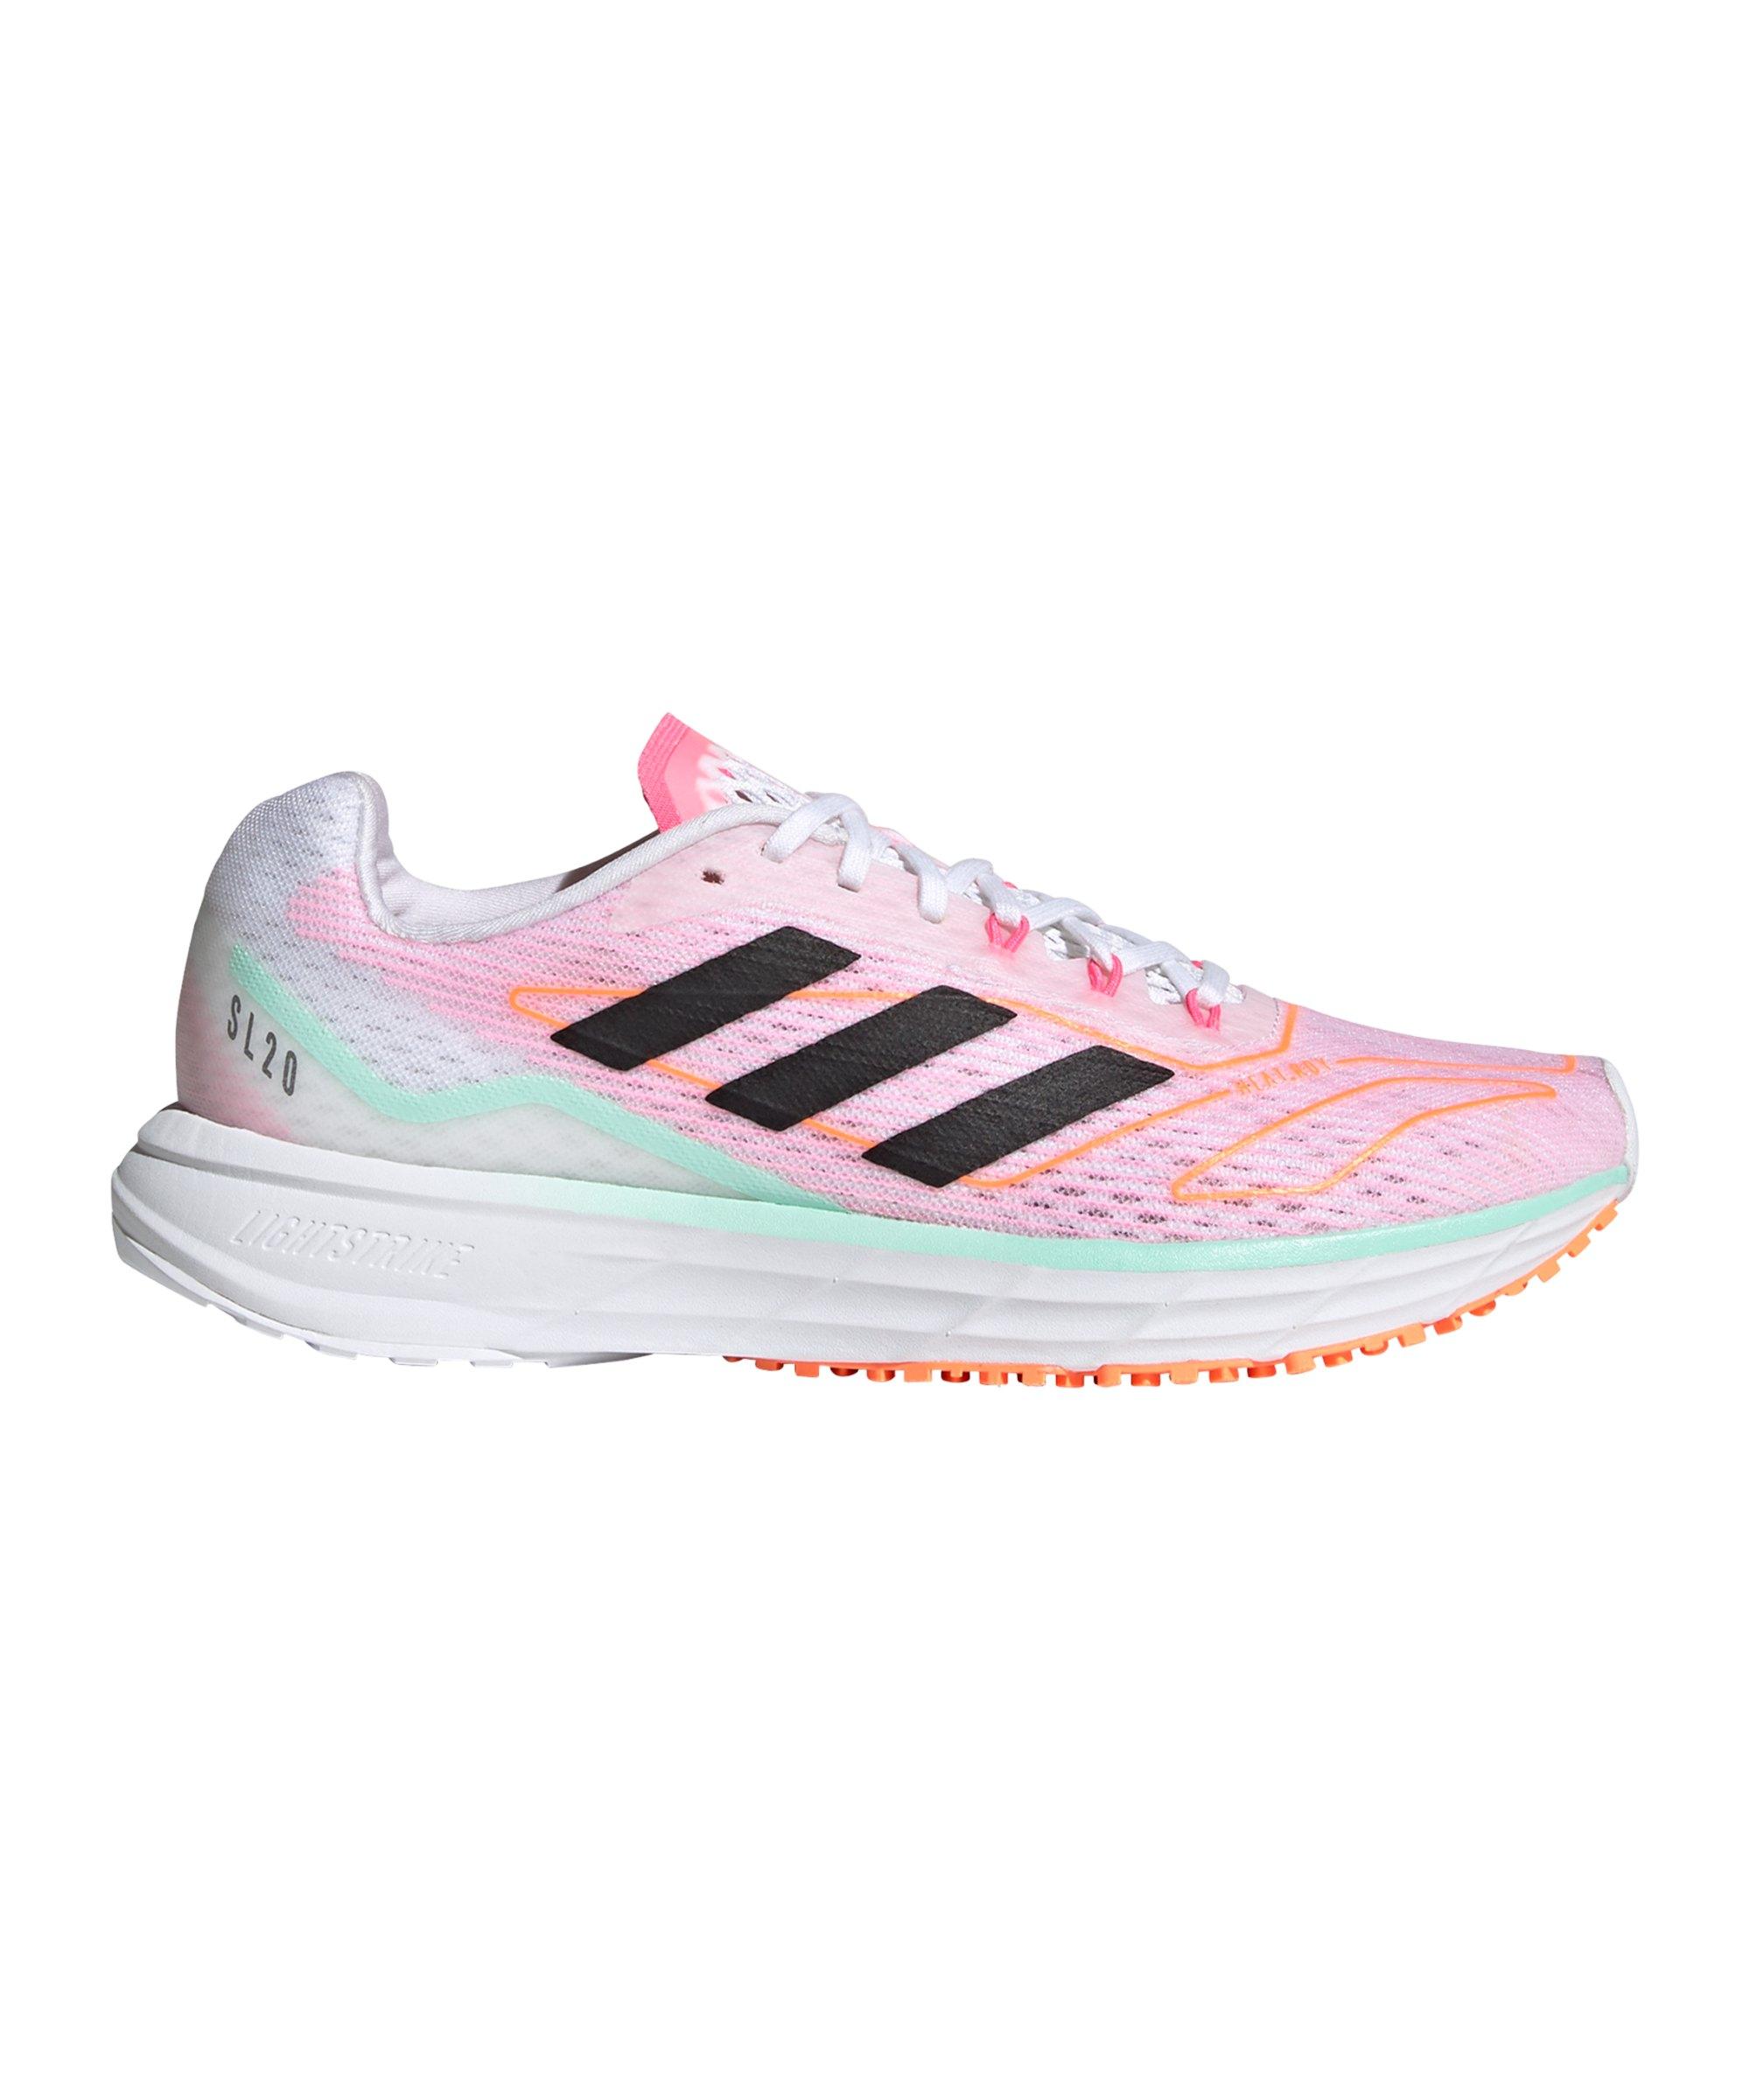 adidas SL 20.2 Summer.READY Running Damen Weiss - weiss